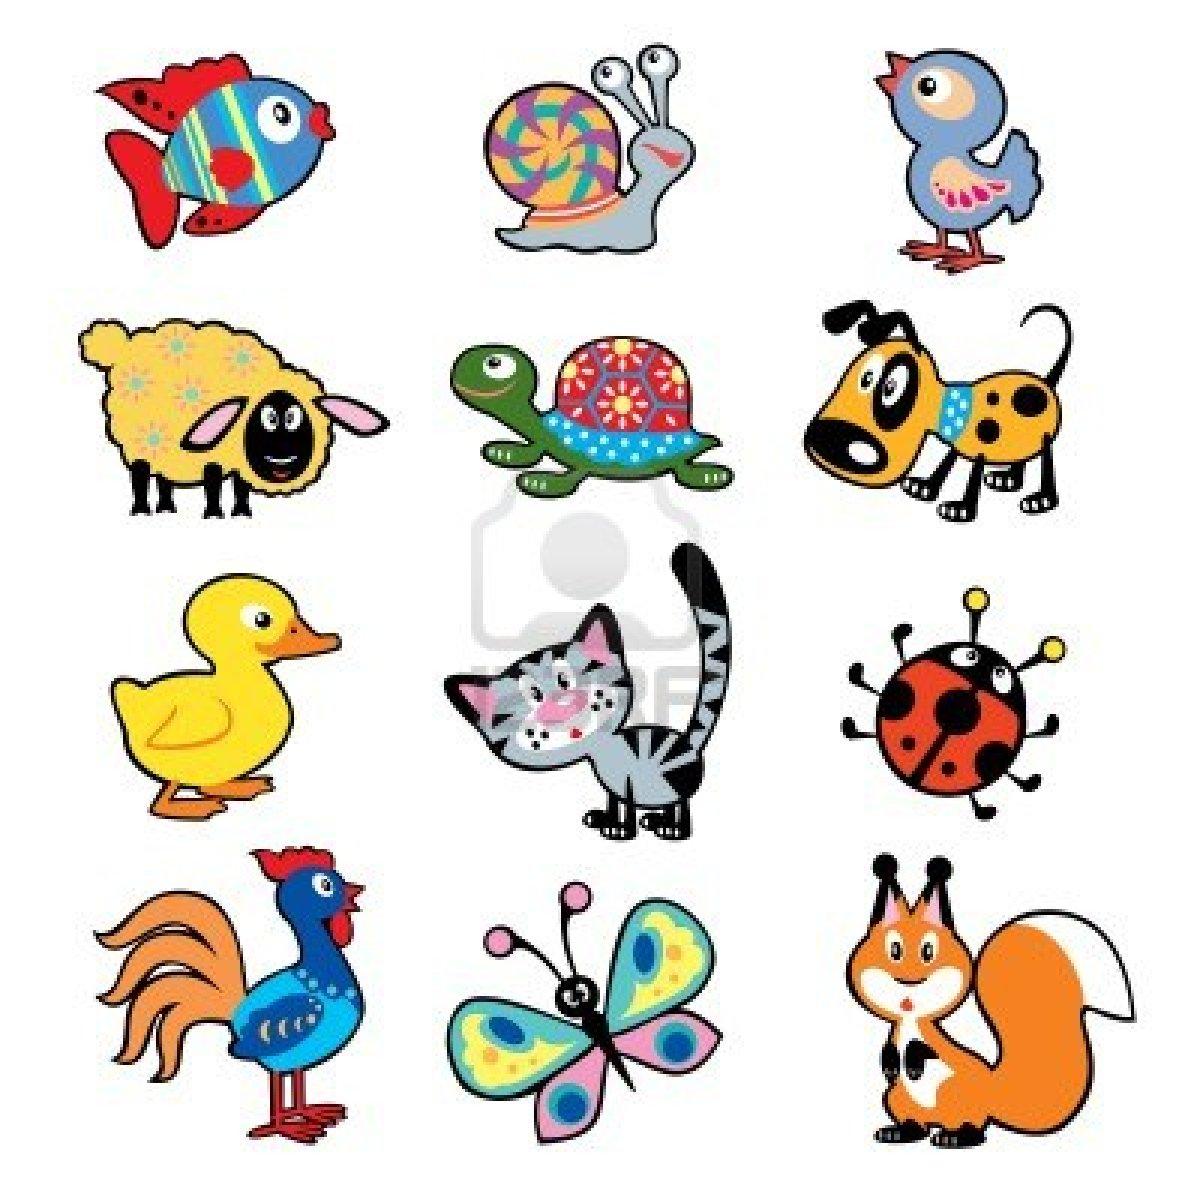 El mundo de los animales en educaci n infantil - Fotos de animales infantiles ...